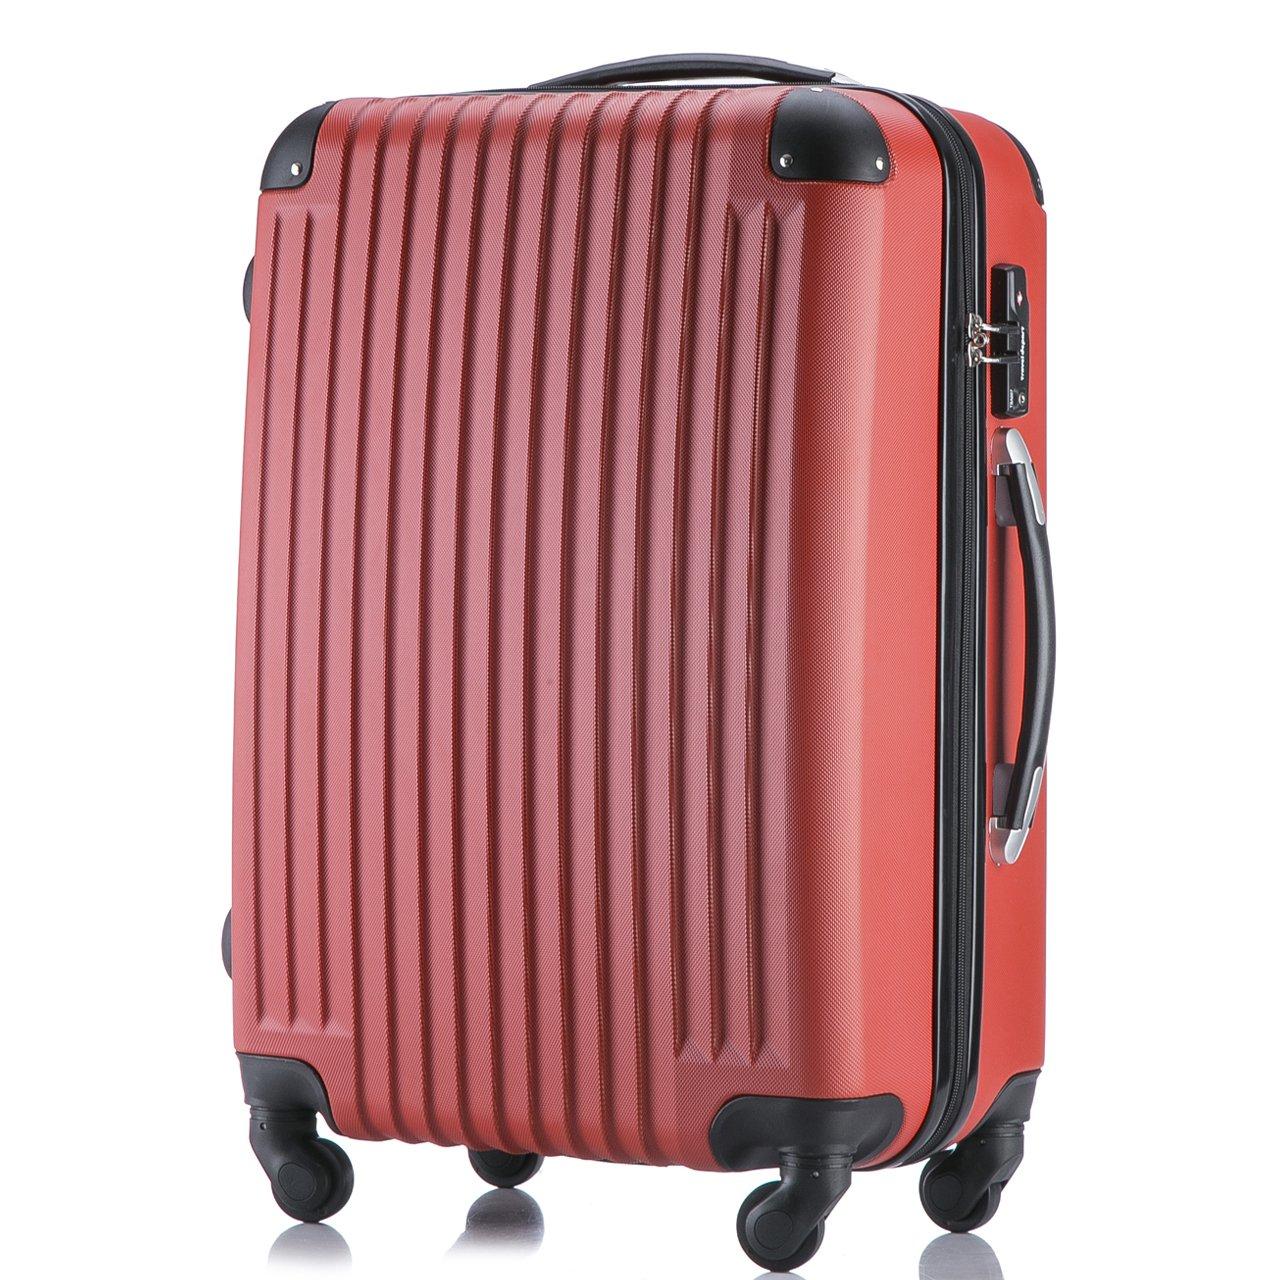 (トラベルデパート) 超軽量スーツケース TSAロック付 B01MTR6MTS Lサイズ(長期旅行用/86L)|レッド レッド Lサイズ(長期旅行用/86L)